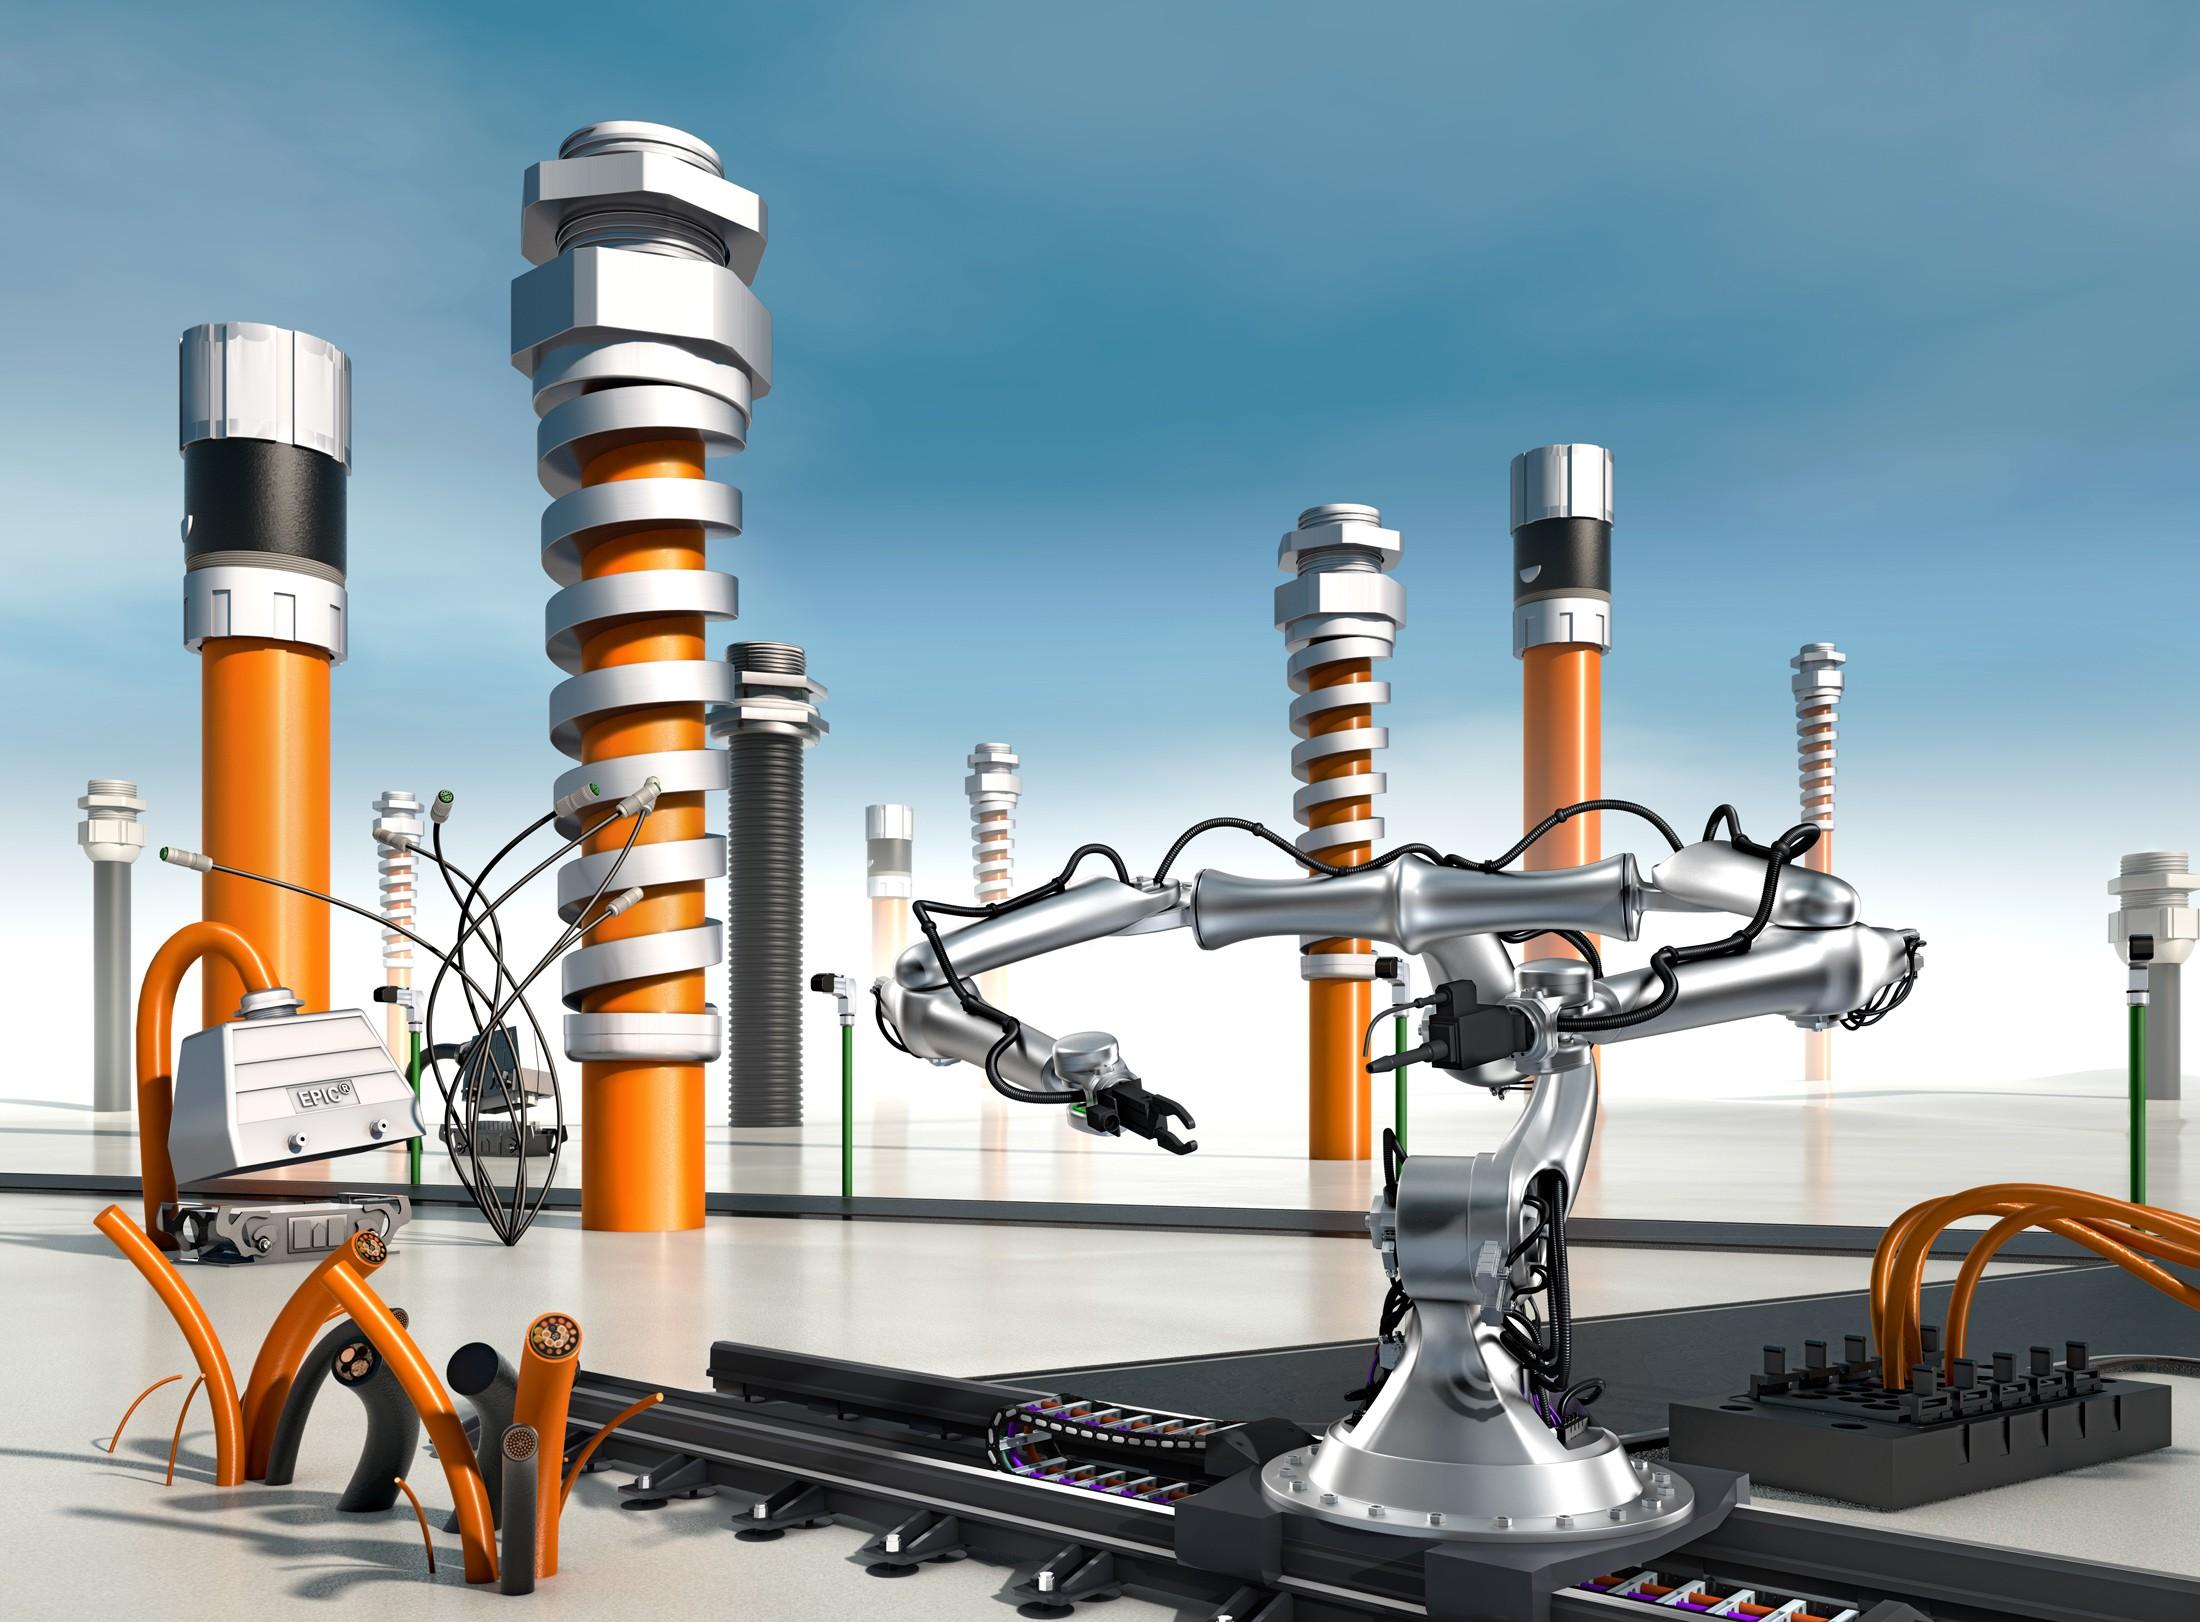 Finn ut mer om fordeler ved Industri 4.0